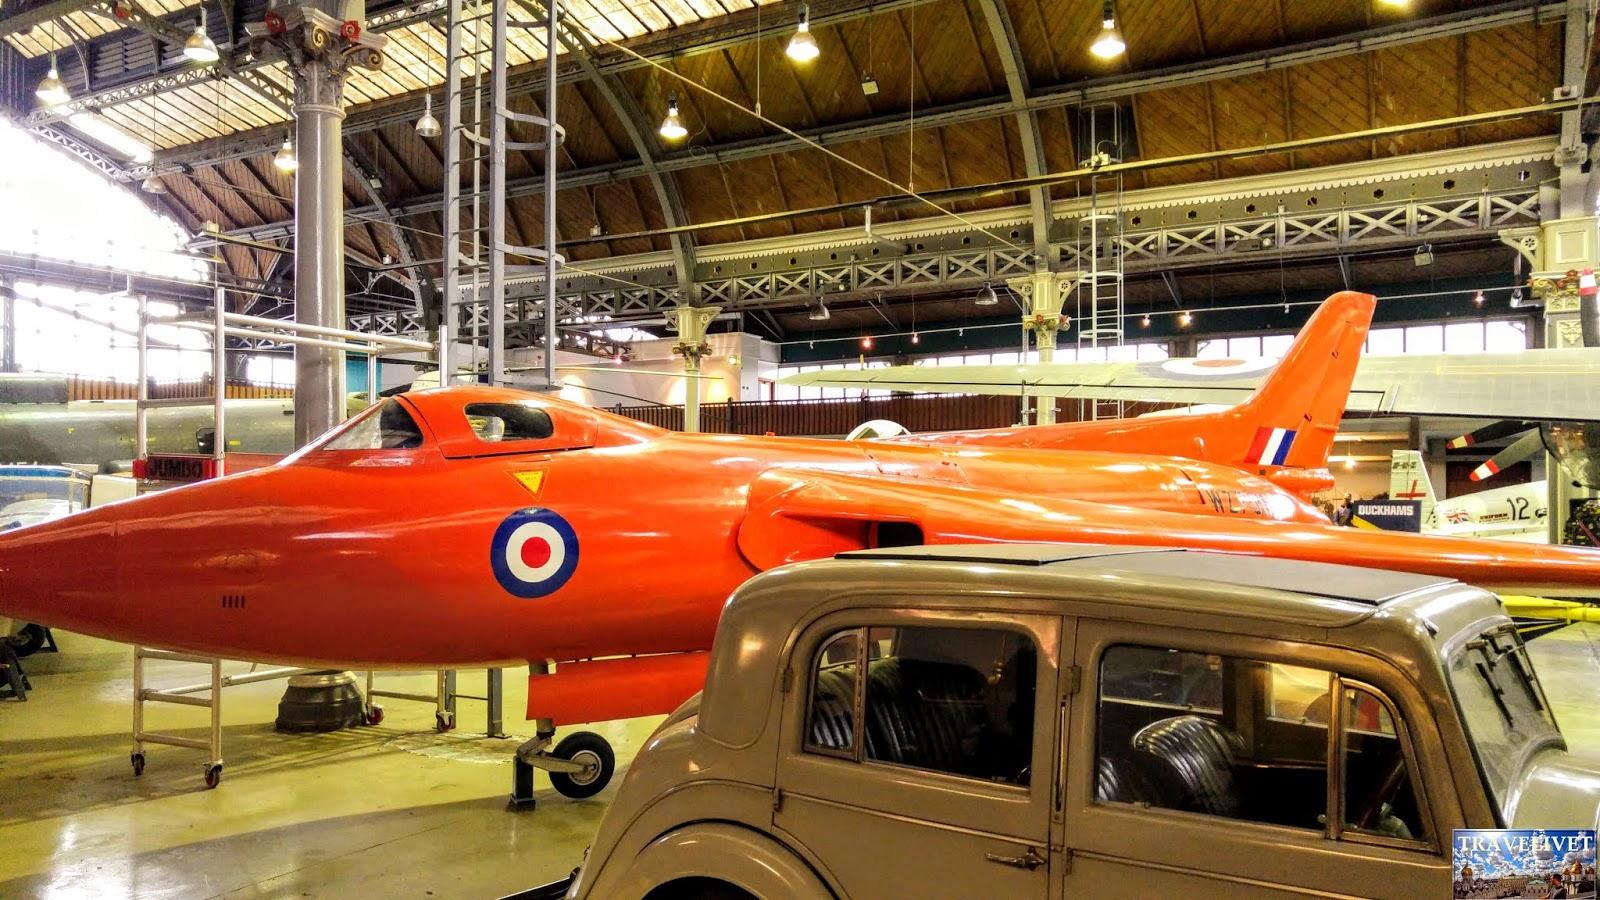 UK Royaume Uni Manchester Musée des Sciences et de l'industrie MOSI